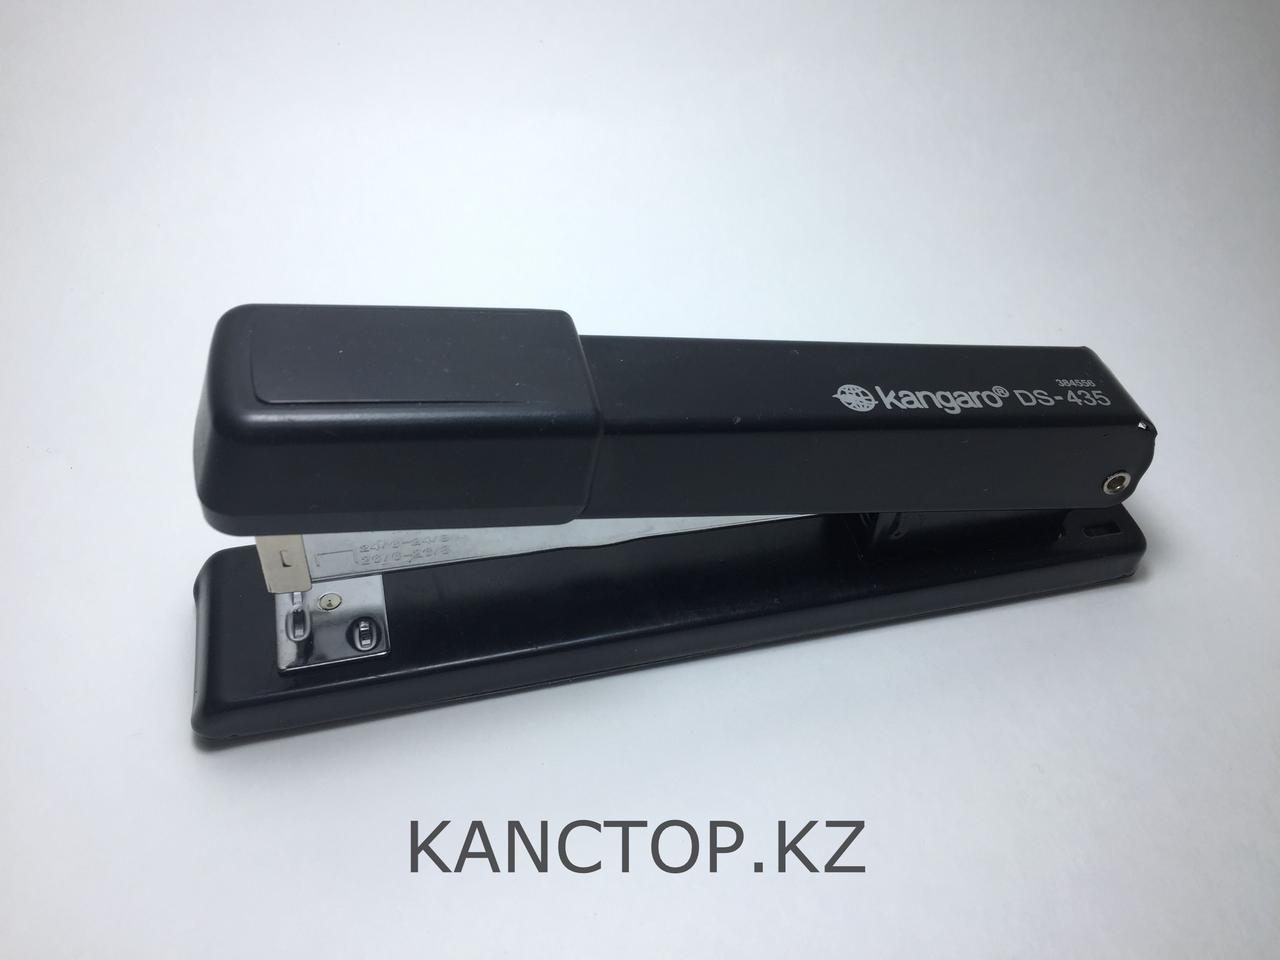 Степлер Kangaro большой DS-435 (24/6)